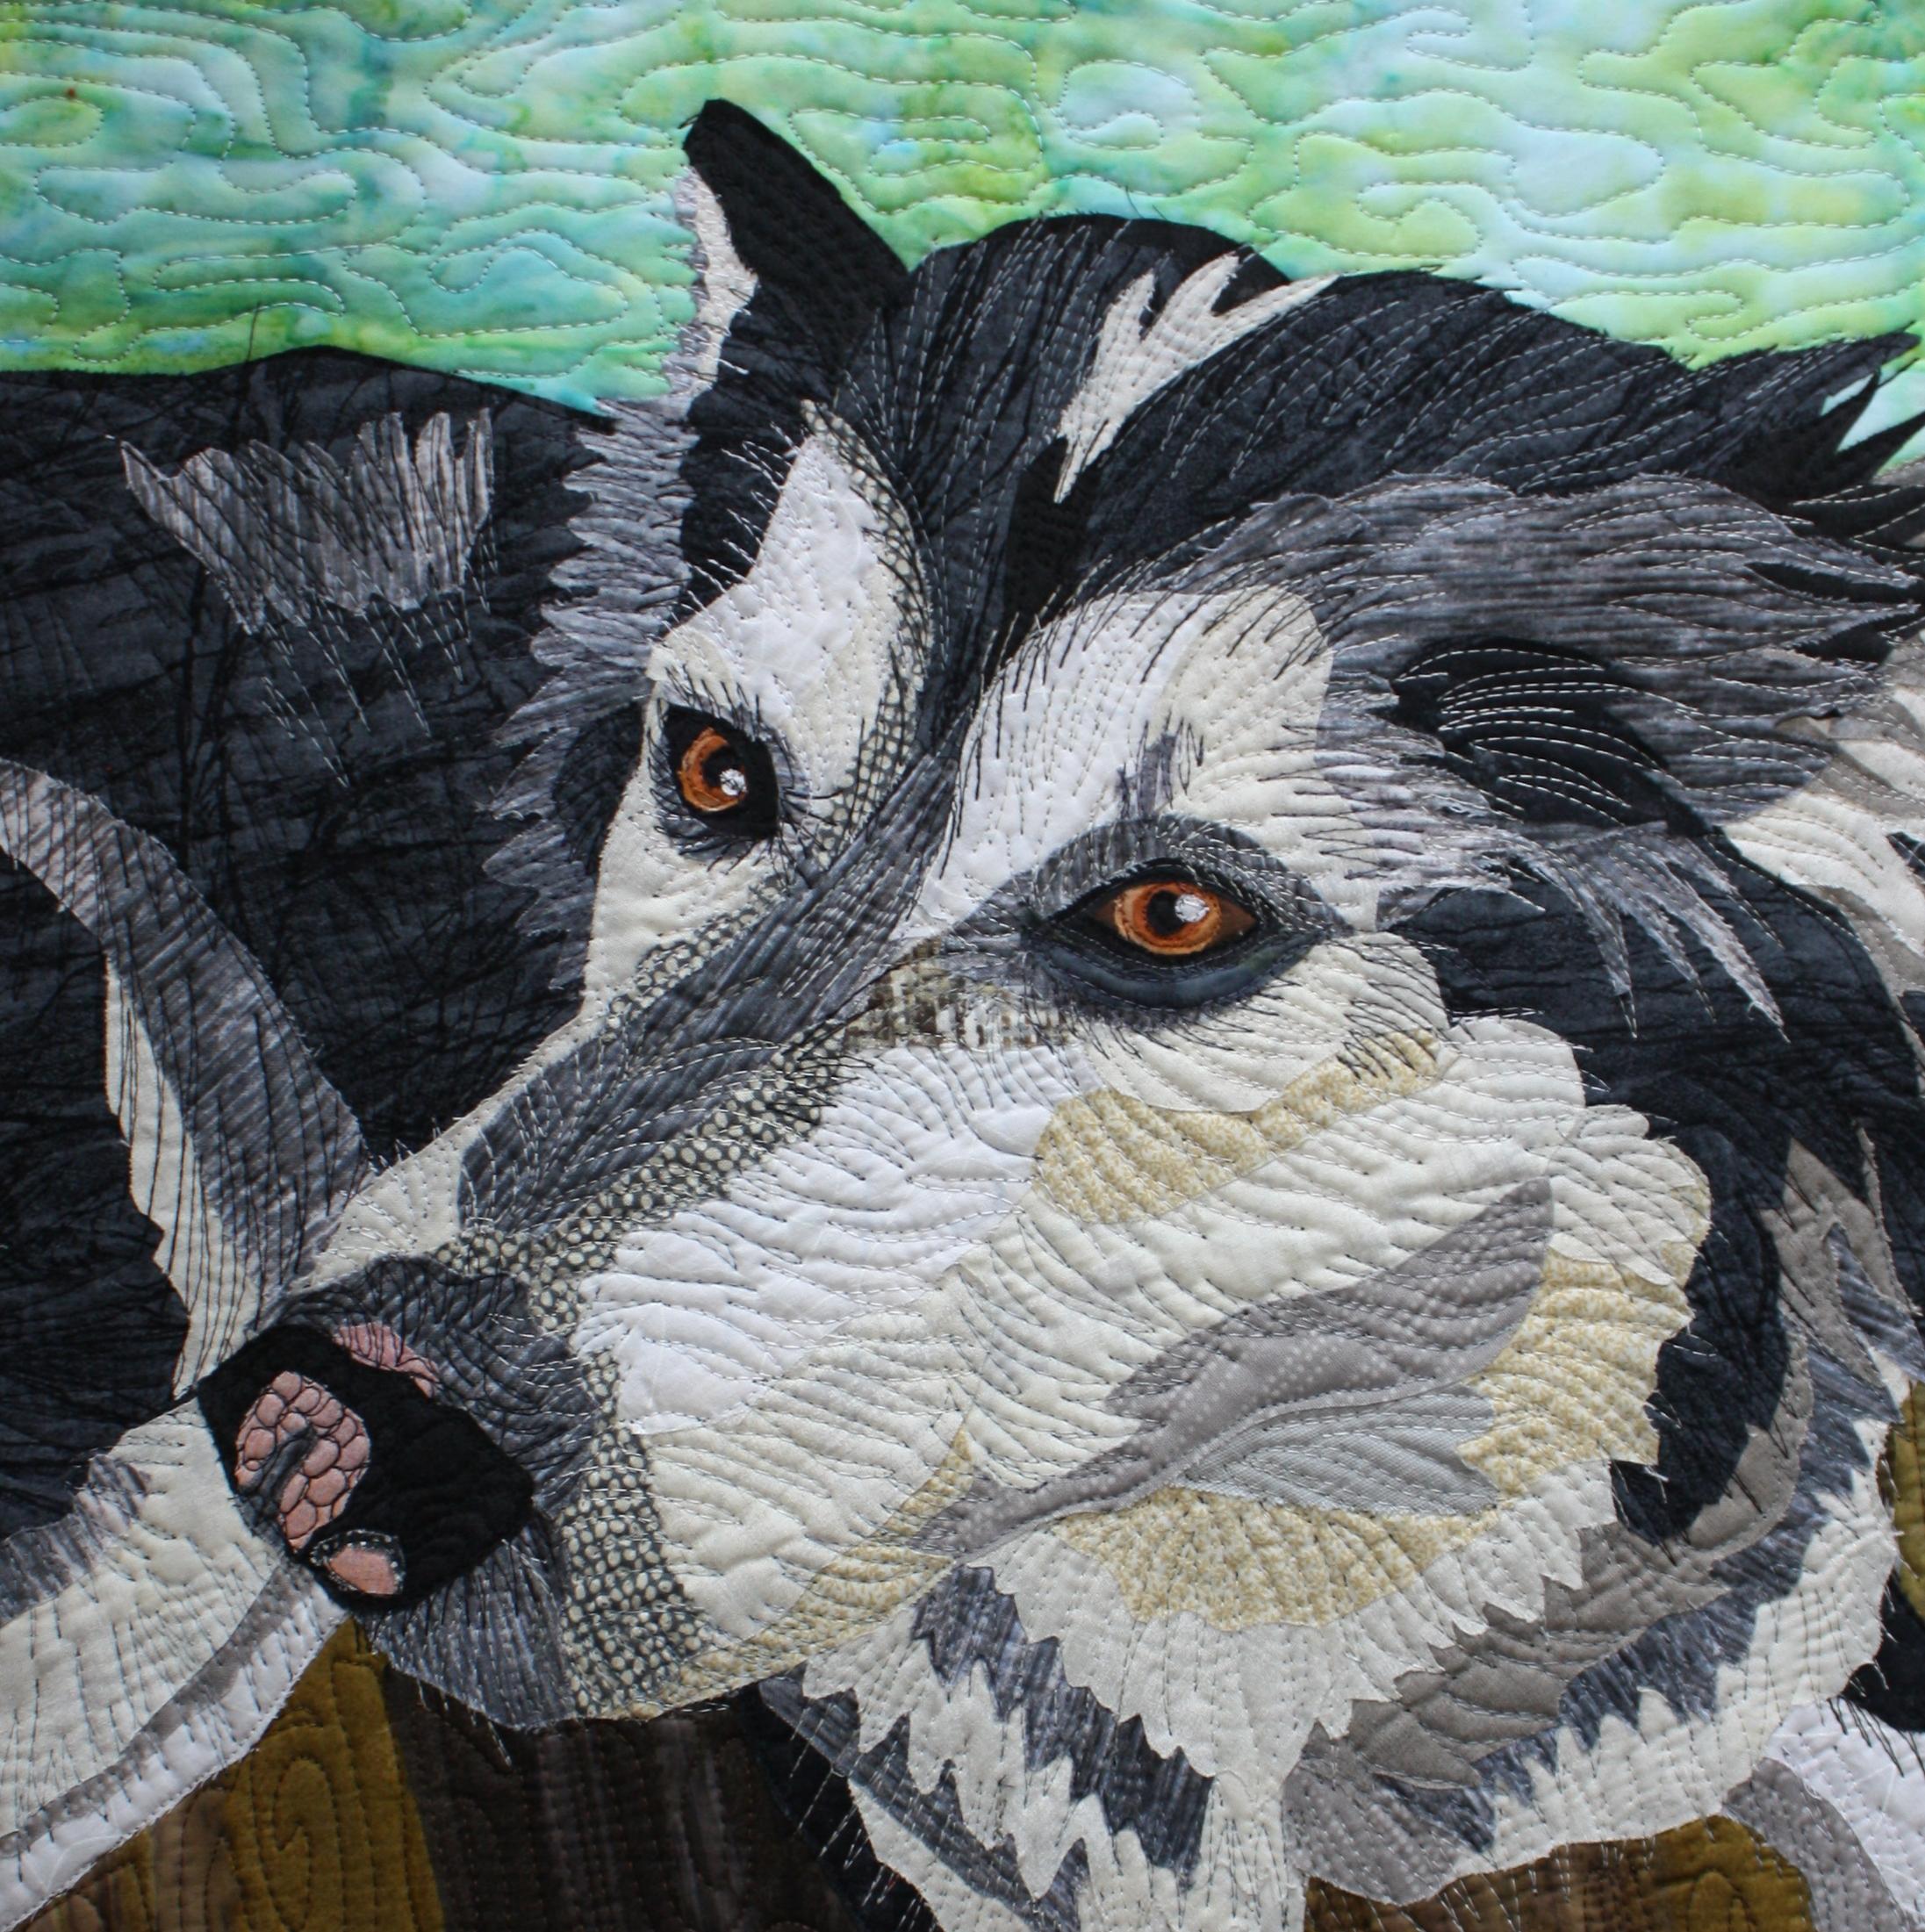 Sasha, the Alaskan Malamute